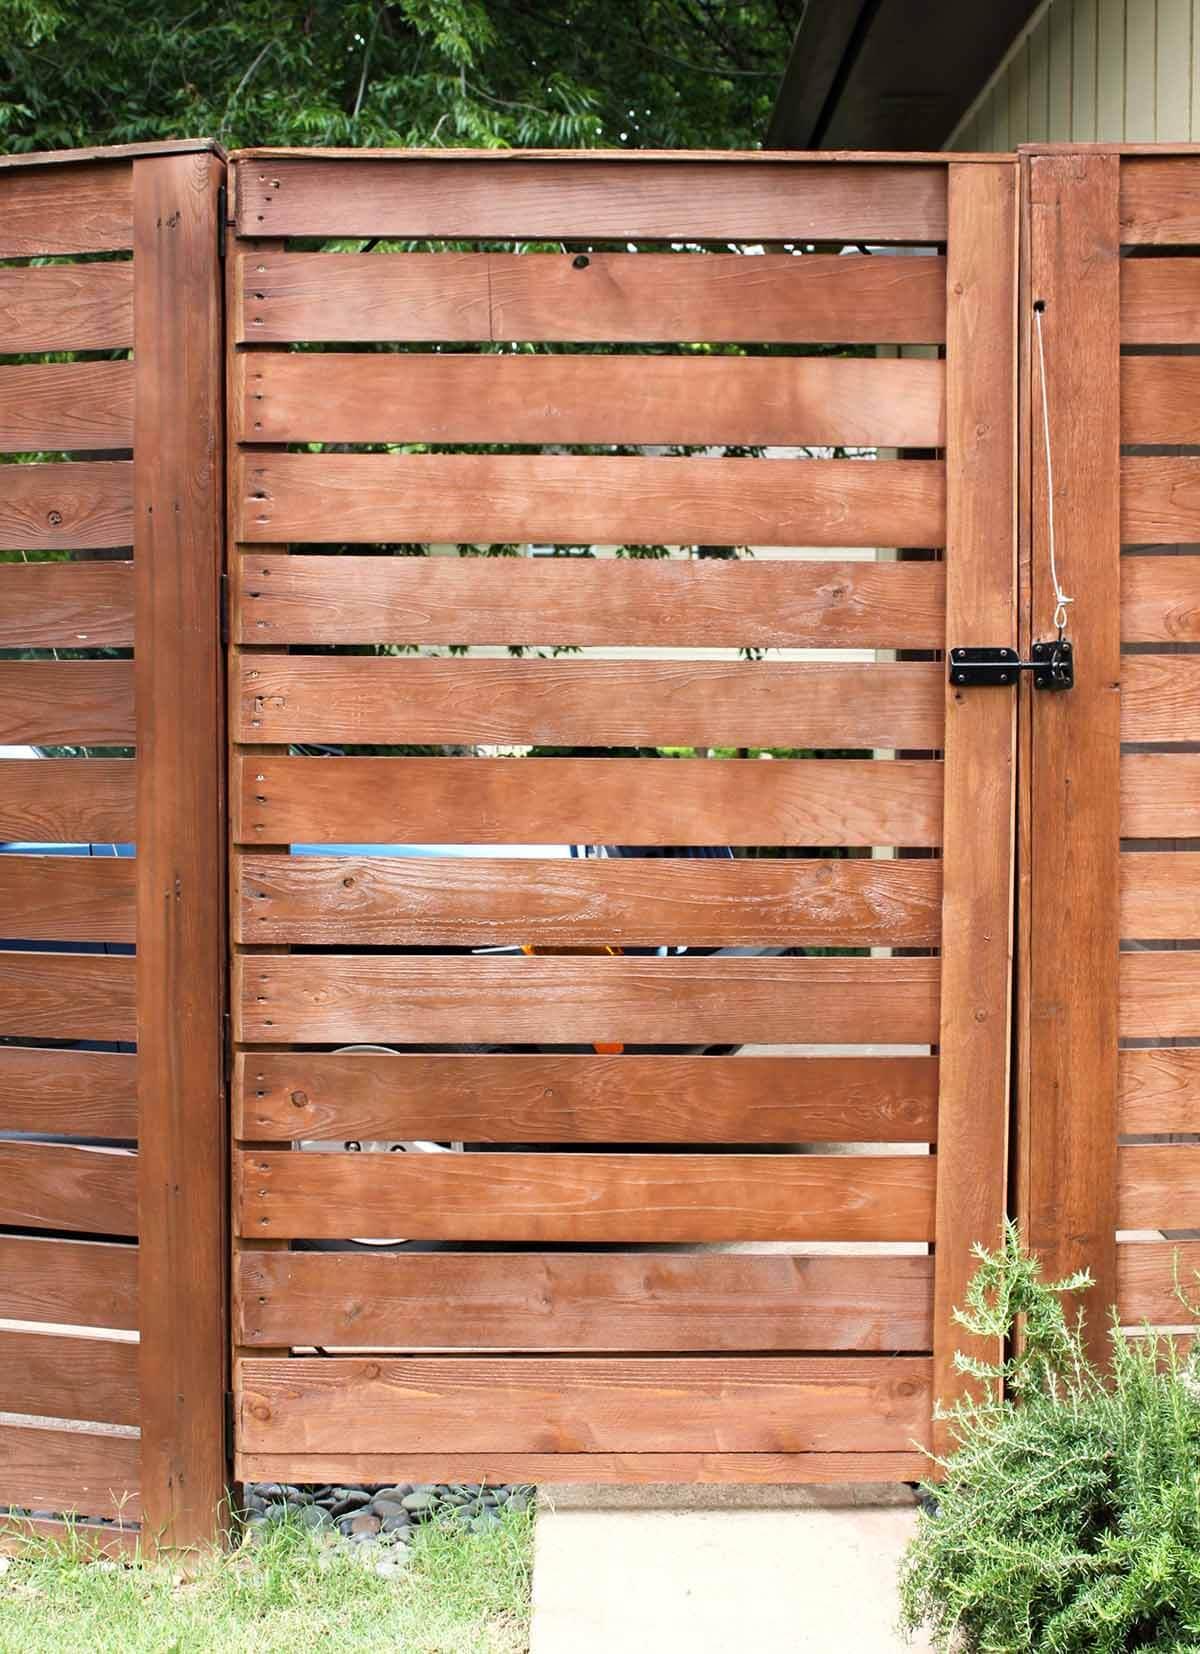 Tall Cedar Wood Plank Fence